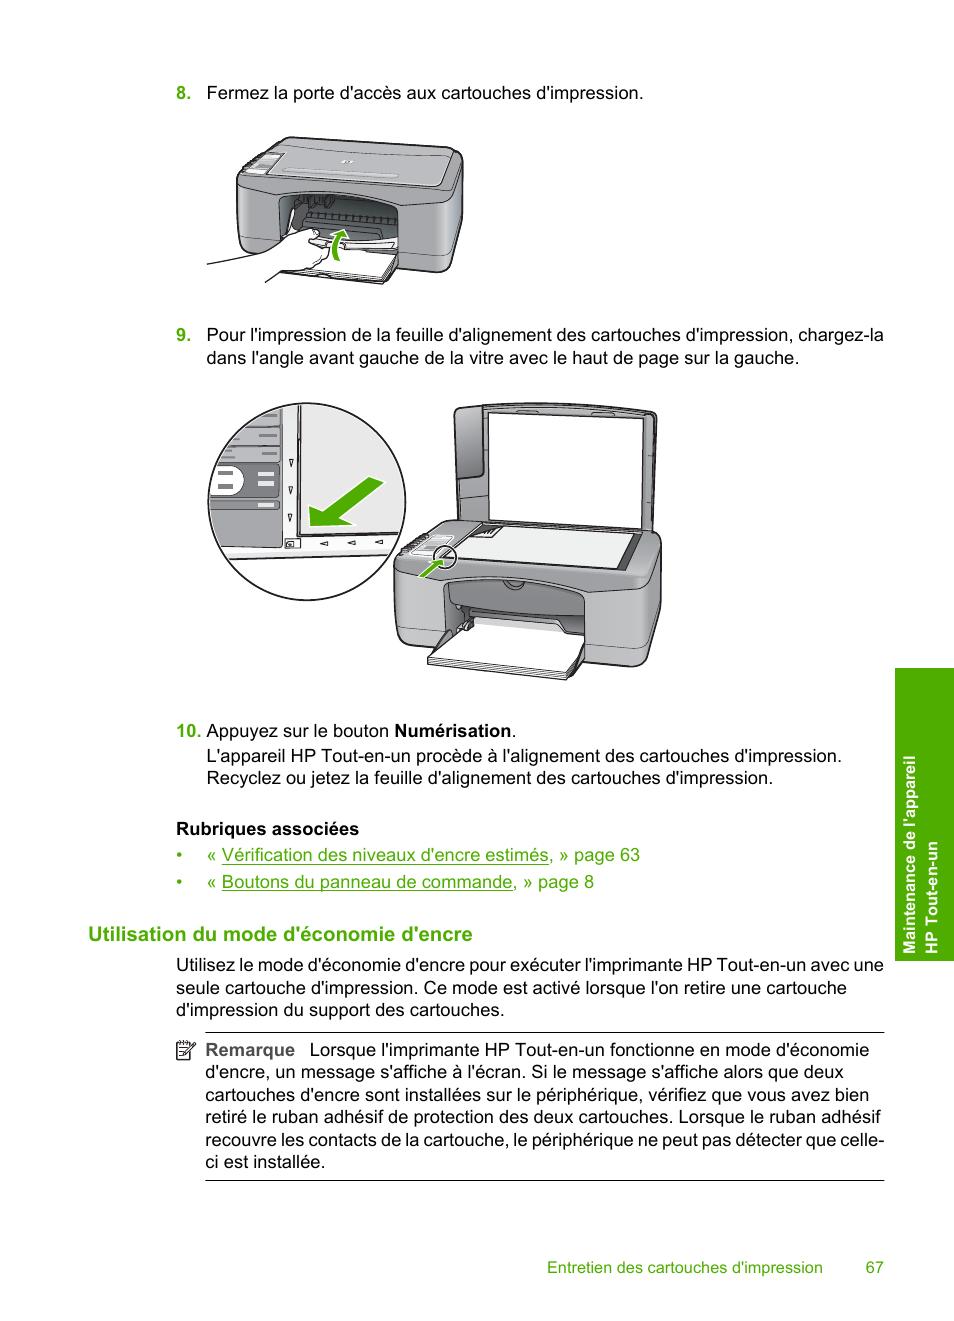 Utilisation du mode d'économie d'encre | HP Imprimante tout-en-